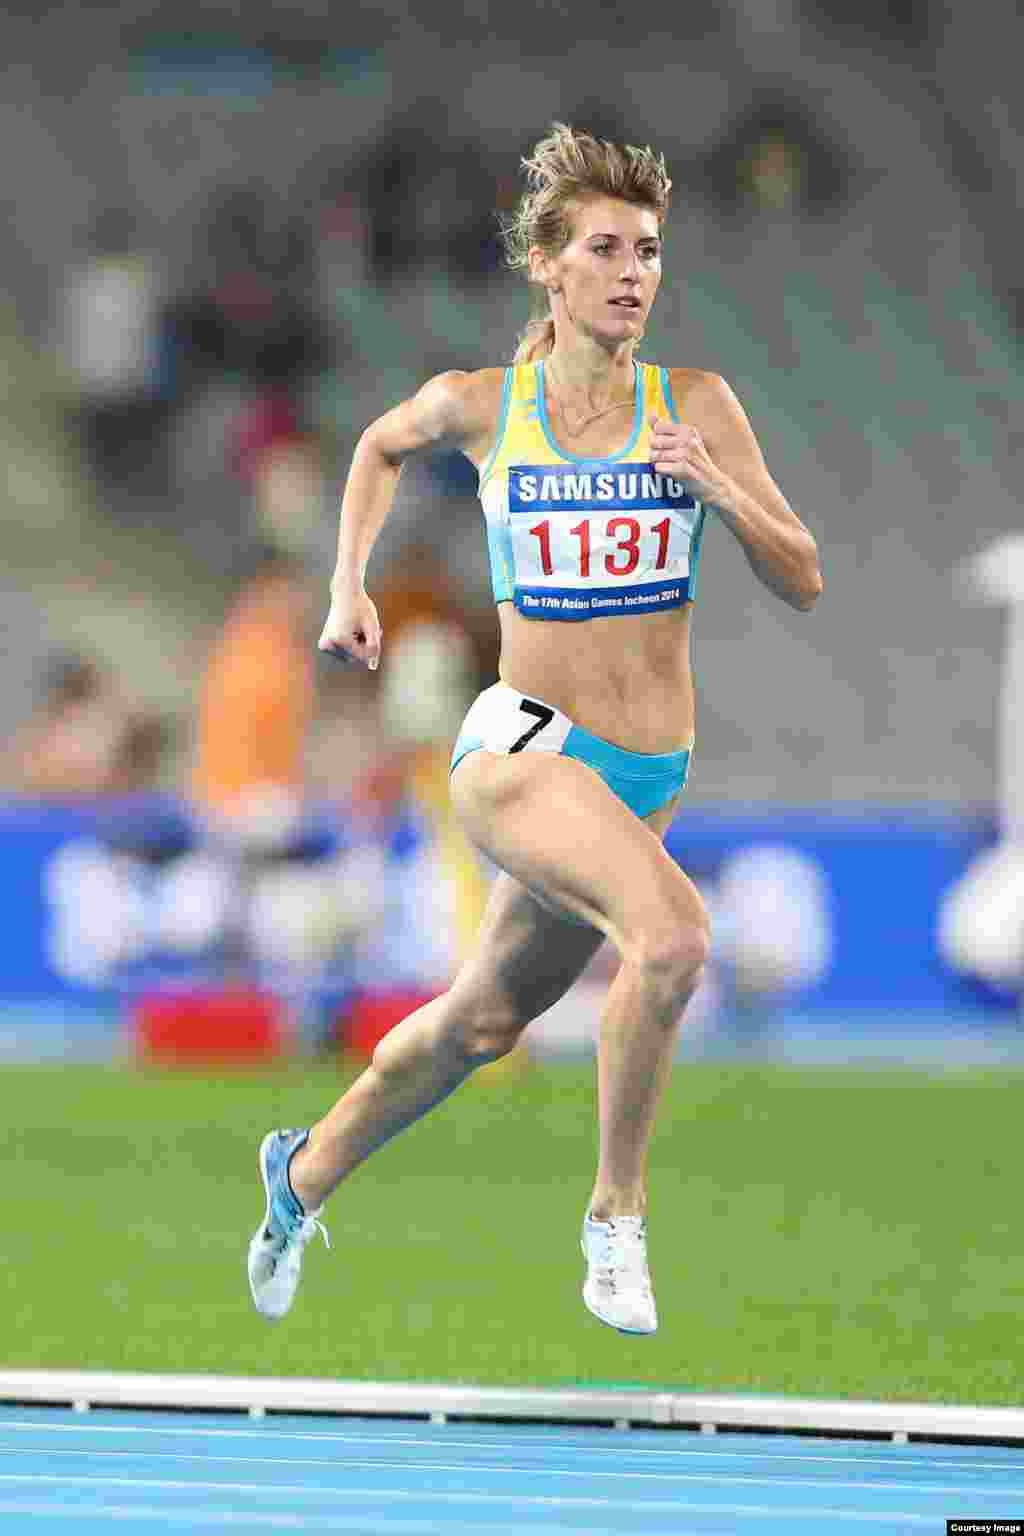 Легкоатлетка Маргарита Мукашева была первой в беге на 800 метров. Она удостаивалась звания чемпионки и на Азиаде в Гуанчжоу. Фото Никиты Басова.